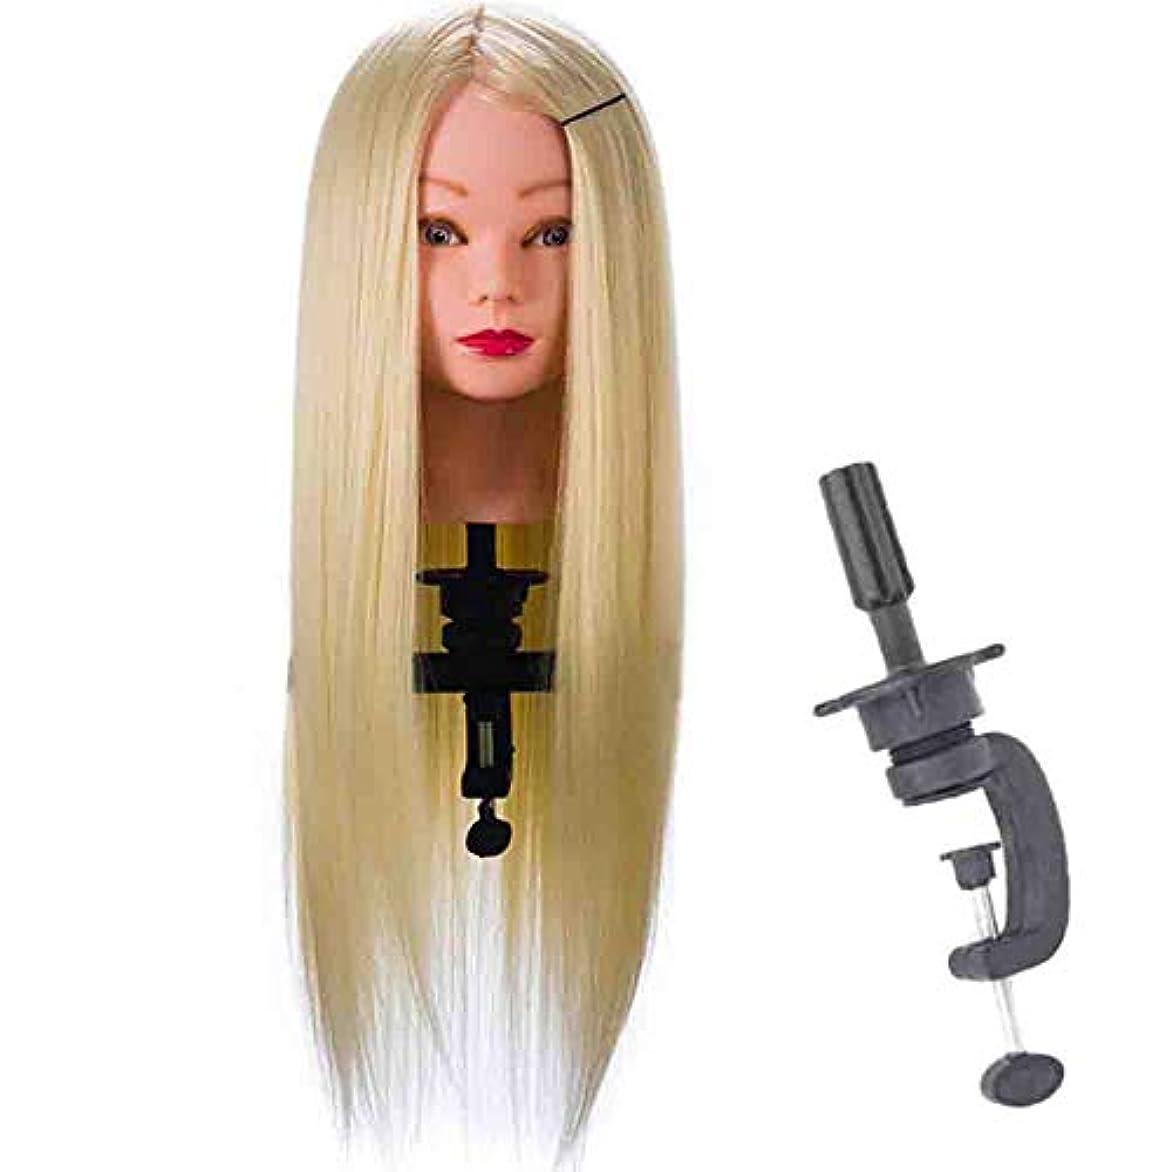 フィッティング代表する焼くシミュレーションウィッグヘッドダイドールヘッドモデルエクササイズディスクヘアブレードヘアメイクスタイリングヘアサロンダミーマネキンヘッド